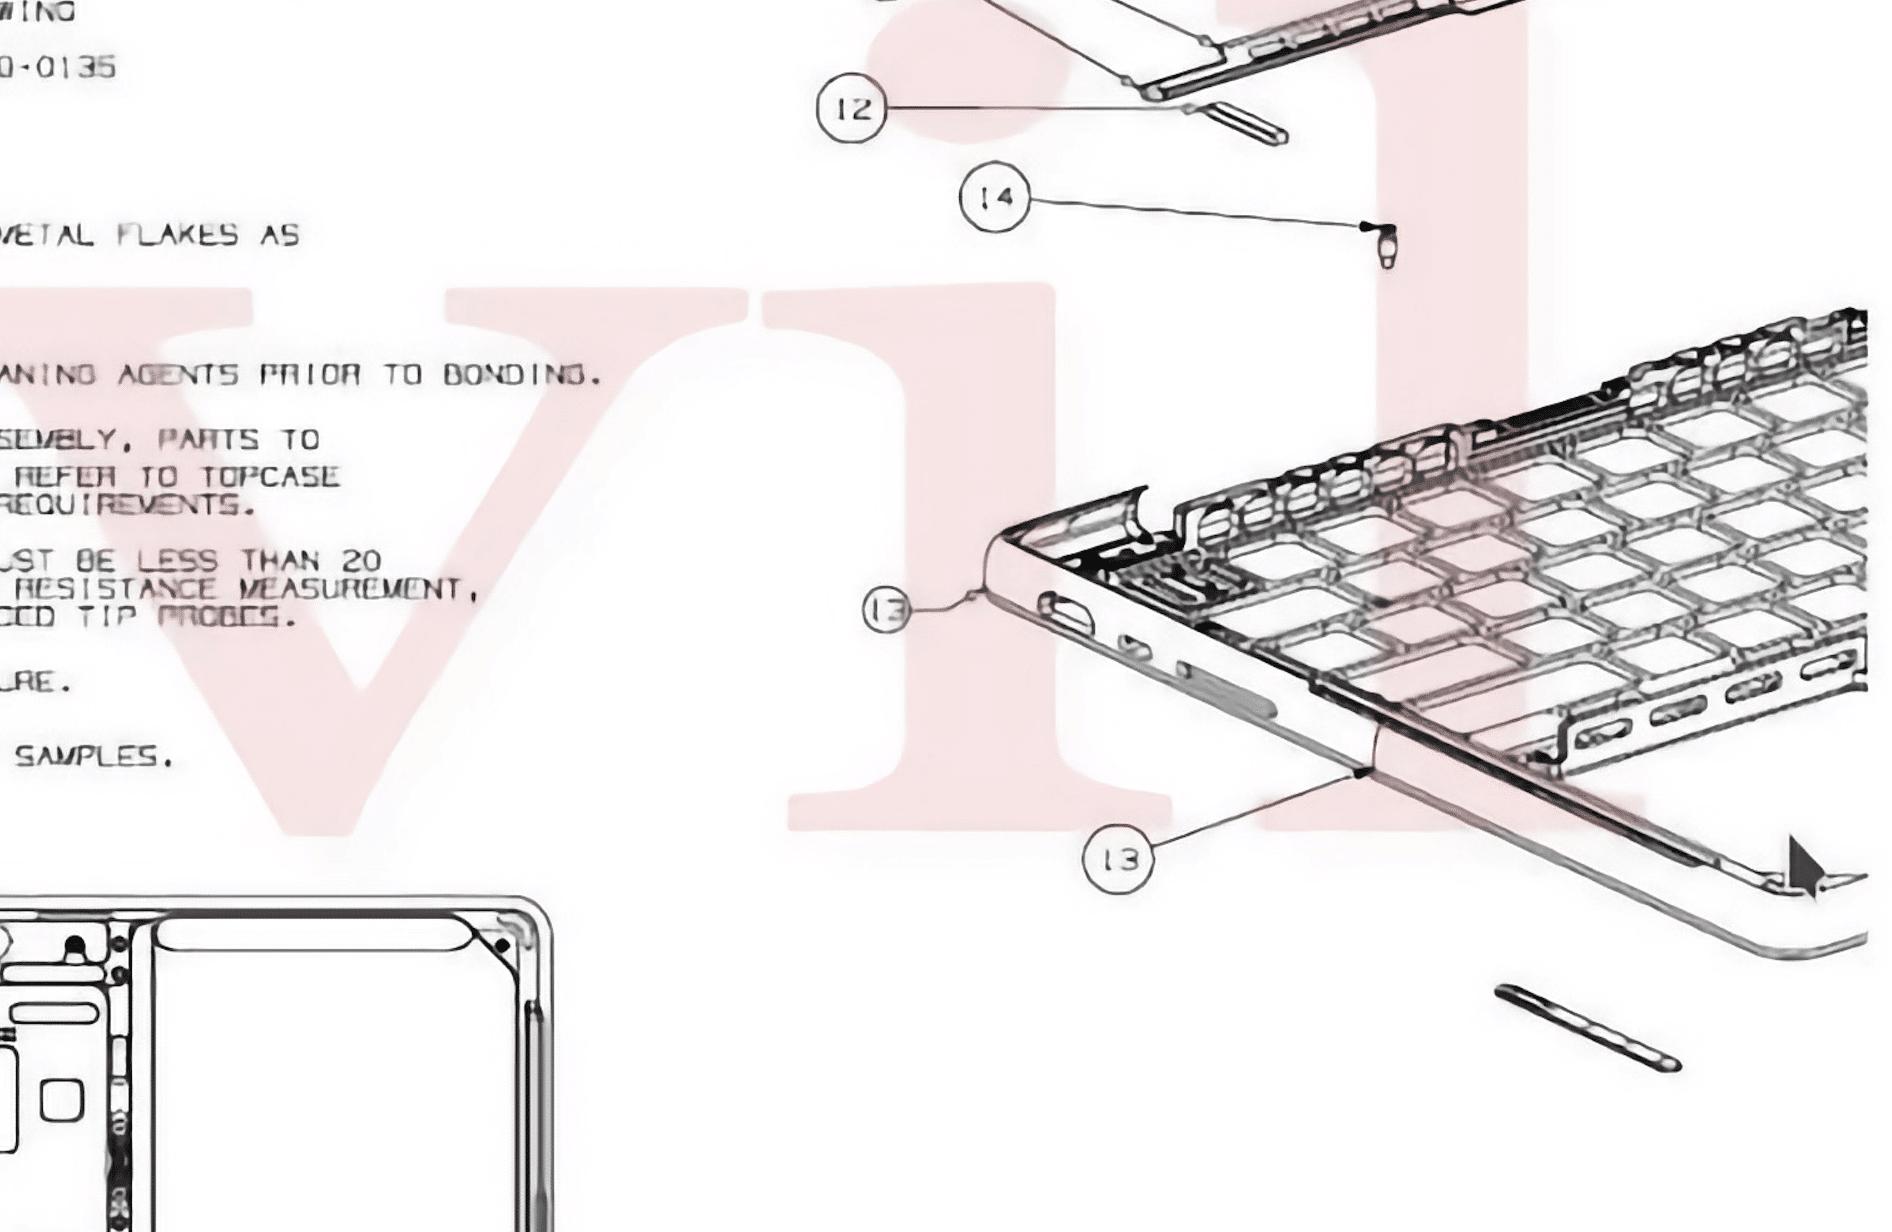 Esquema técnico de futuro MacBook Pro com MagSafe e HDMI